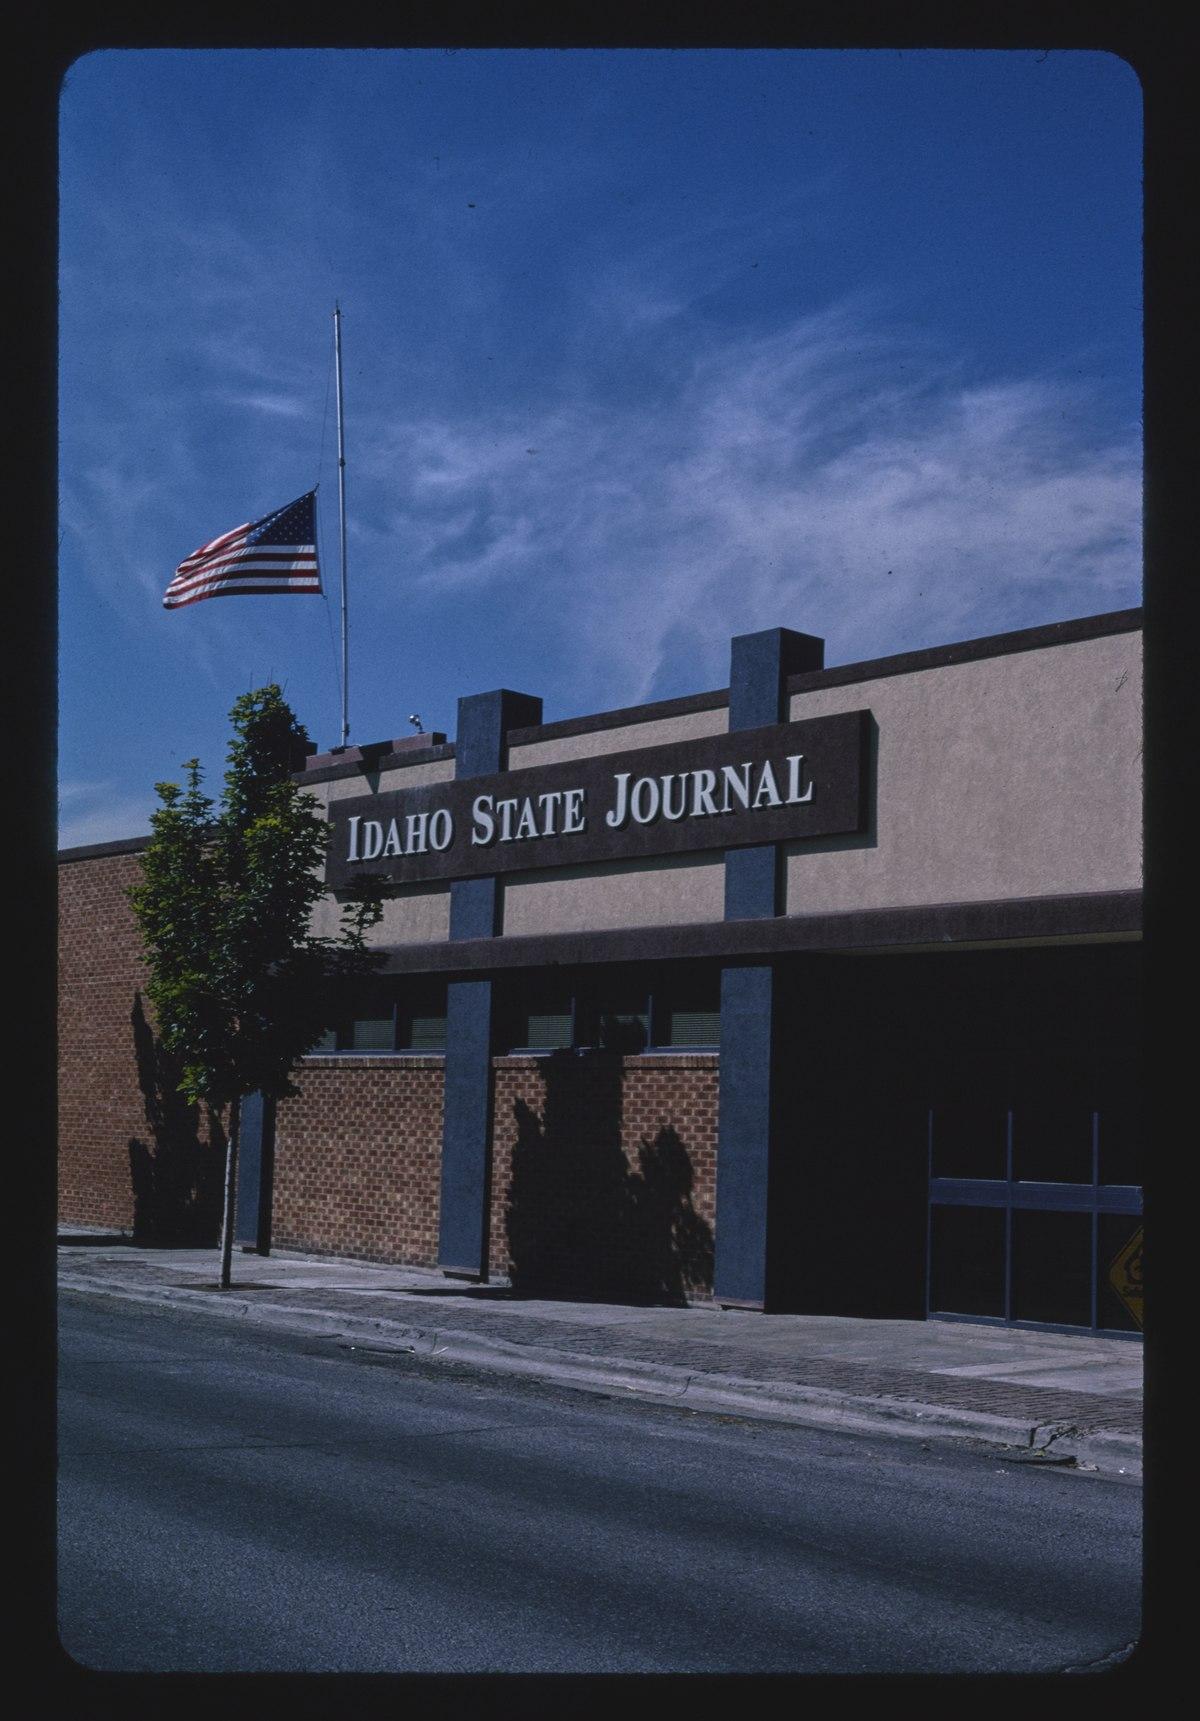 Idaho State Journal - Wikipedia